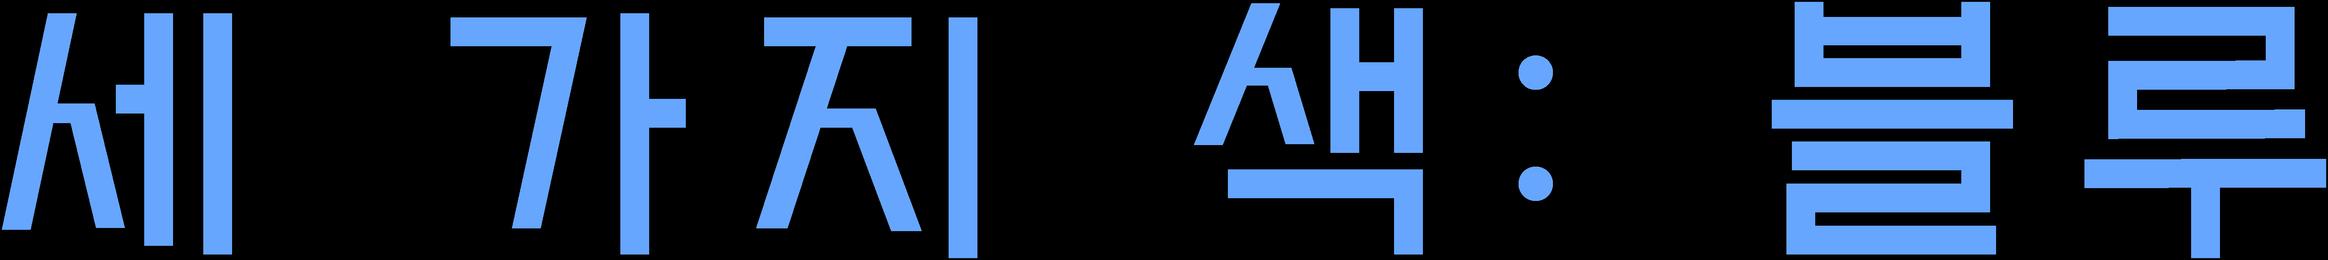 세 가지 색 : 블루